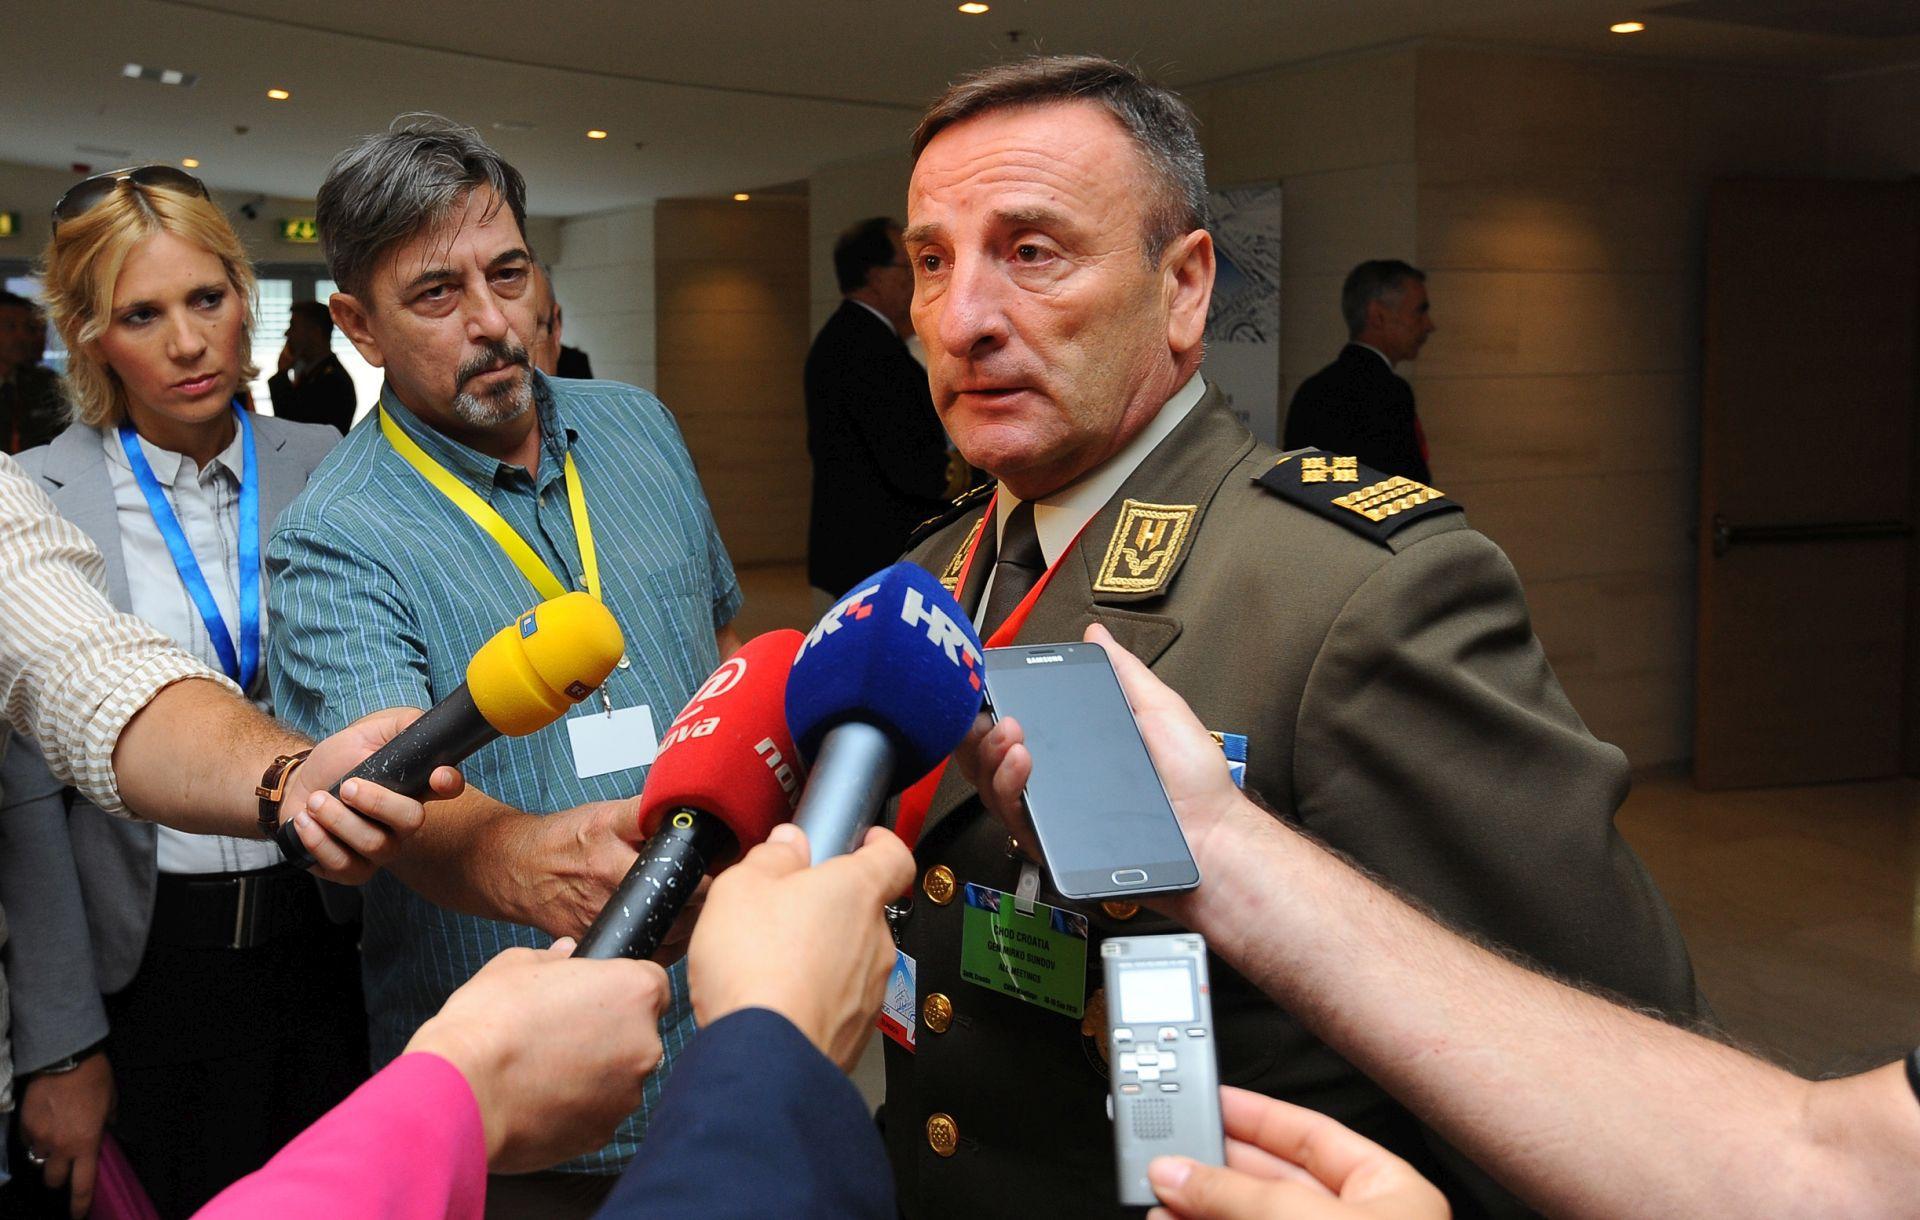 GENERAL ŠUNDOV: Konferencija NATO-a u Splitu je važan događaj za Hrvatsku i Sjevernoatlantski savez